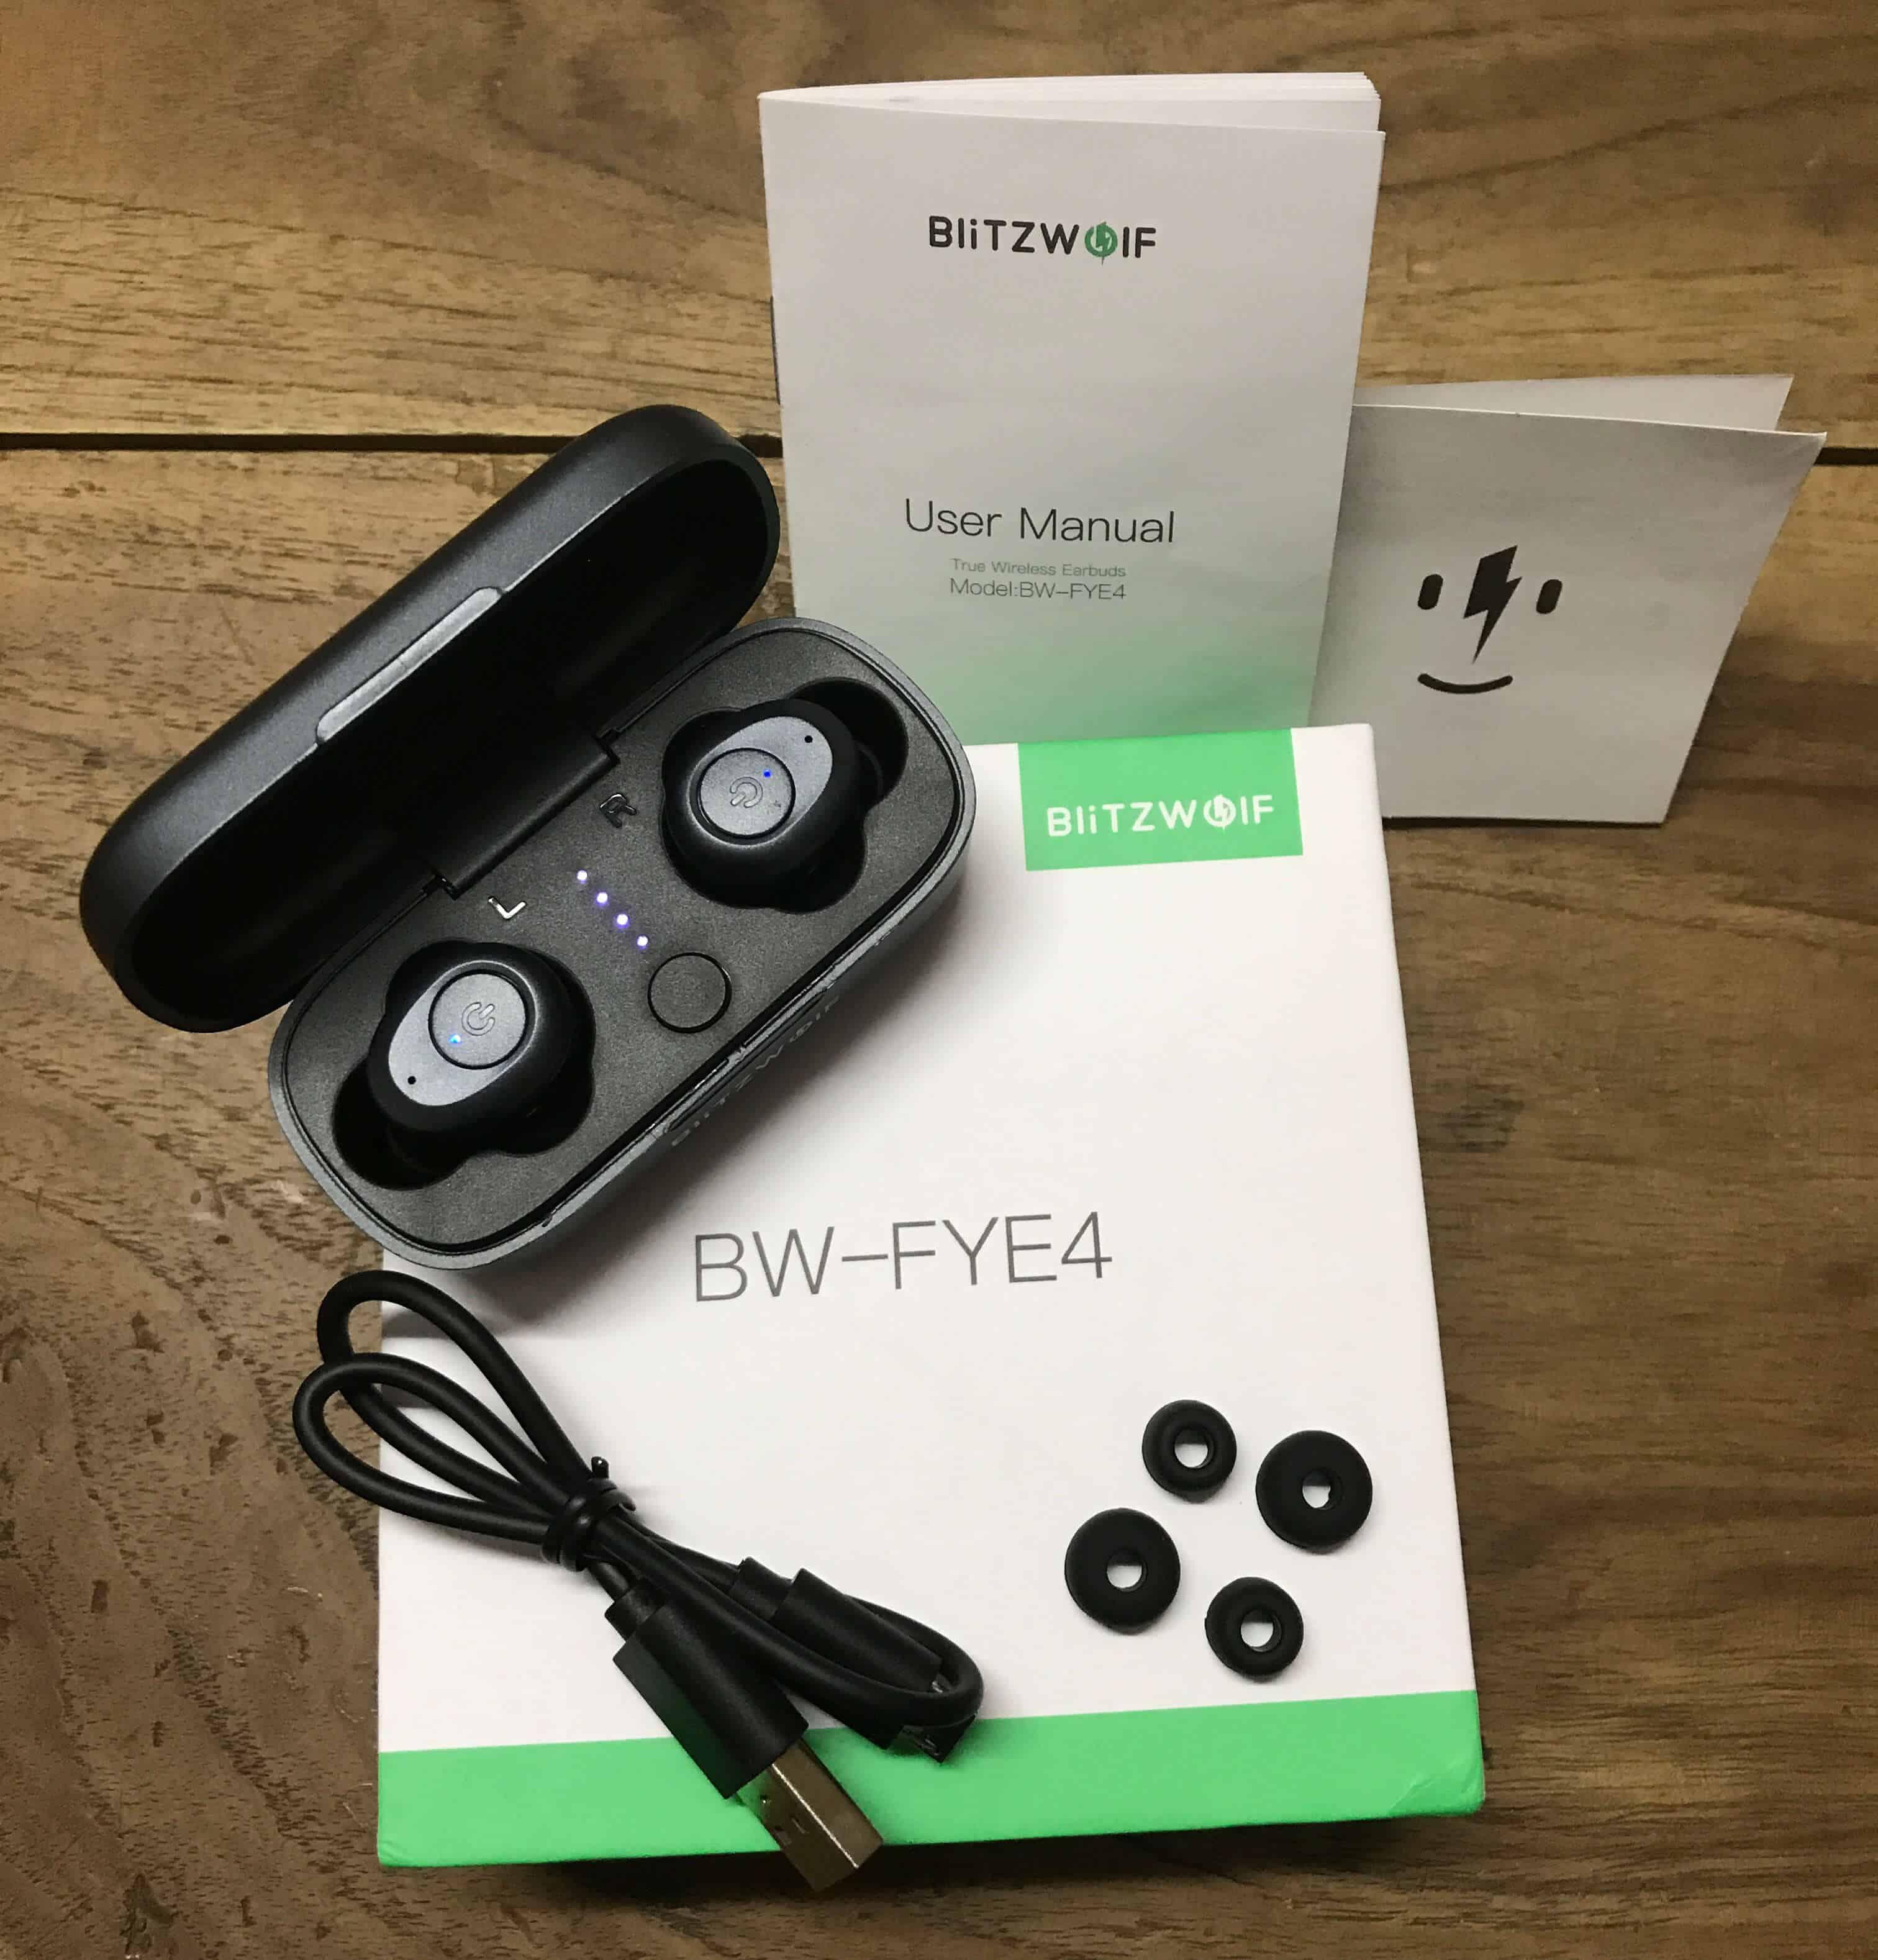 BlitzWolf BW-FYE4 - Box Contents